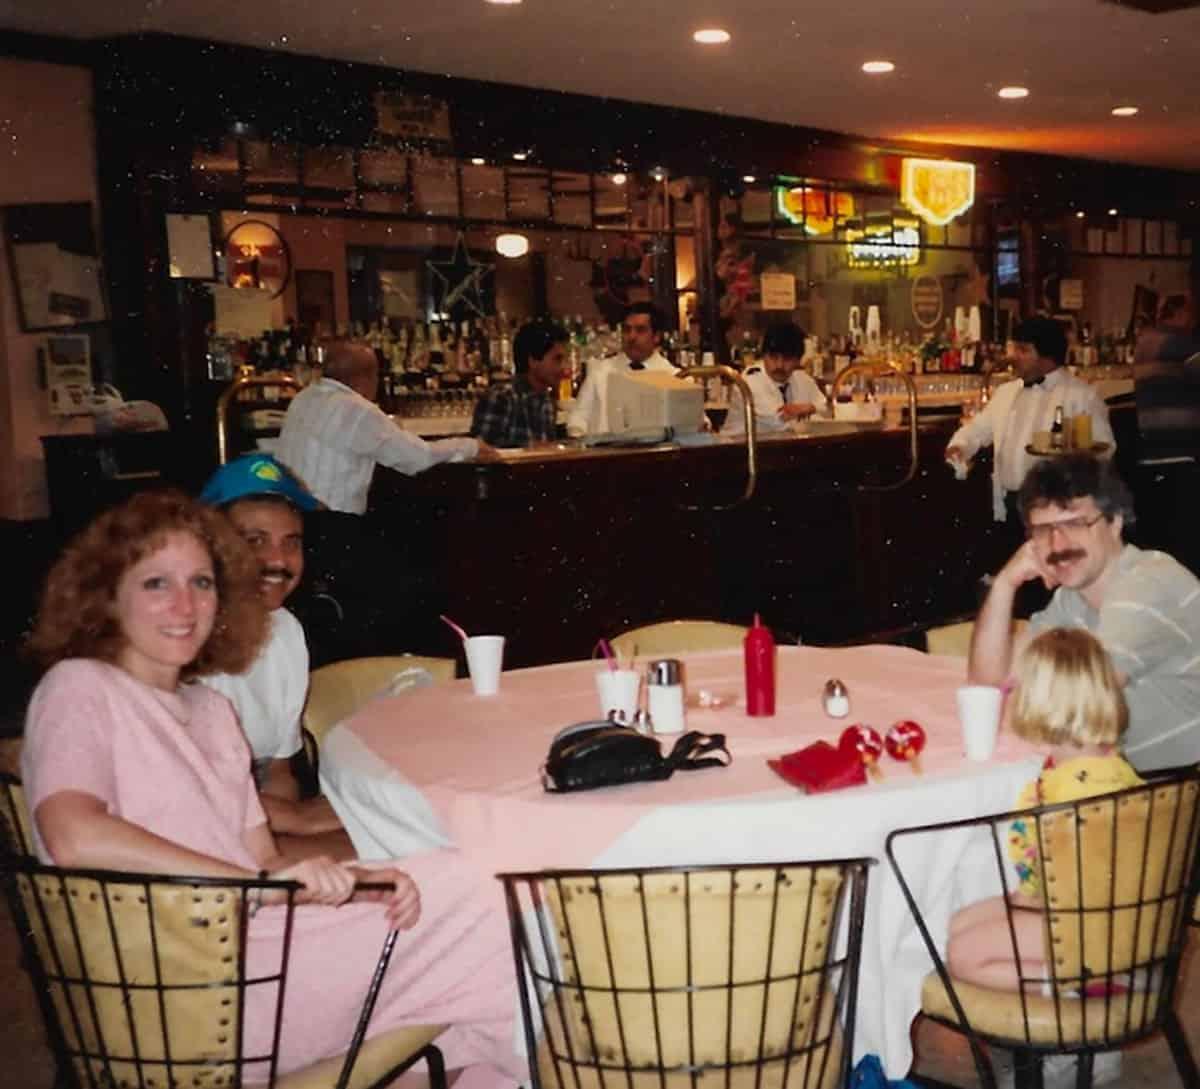 Lori Duran, Juan Duran, Bill Clahoun and Emily Calhoun dining at The Cadillac Bar, 1993